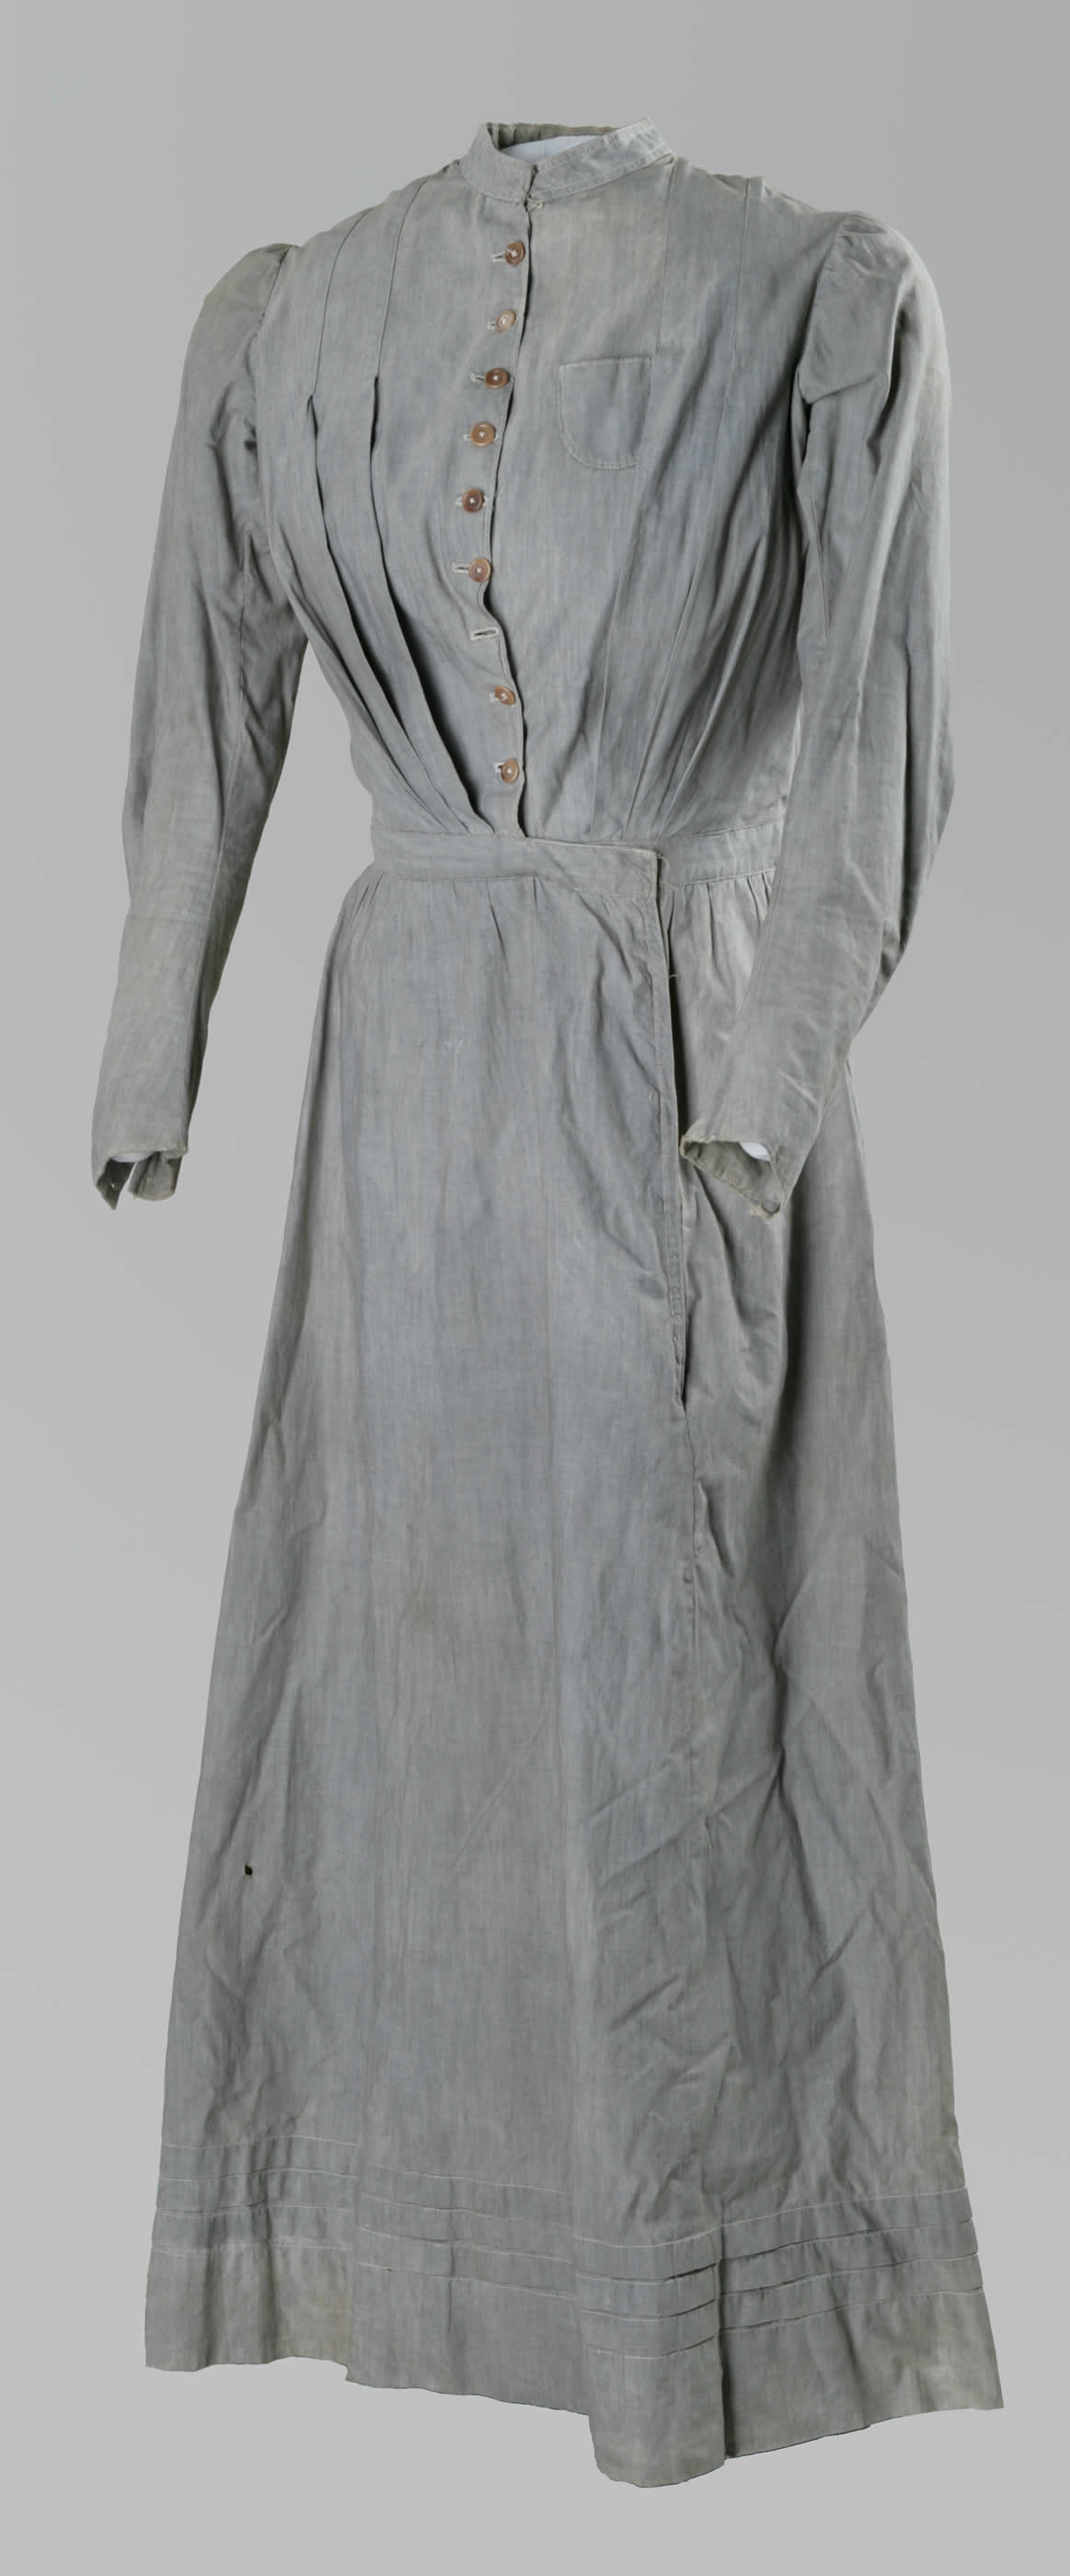 L'uniforme des infirmières